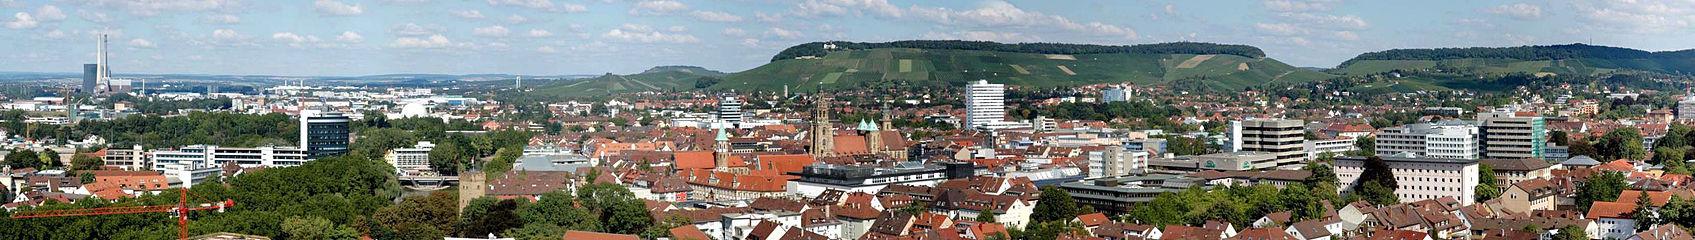 Cosas Que Hacer En Heilbronn